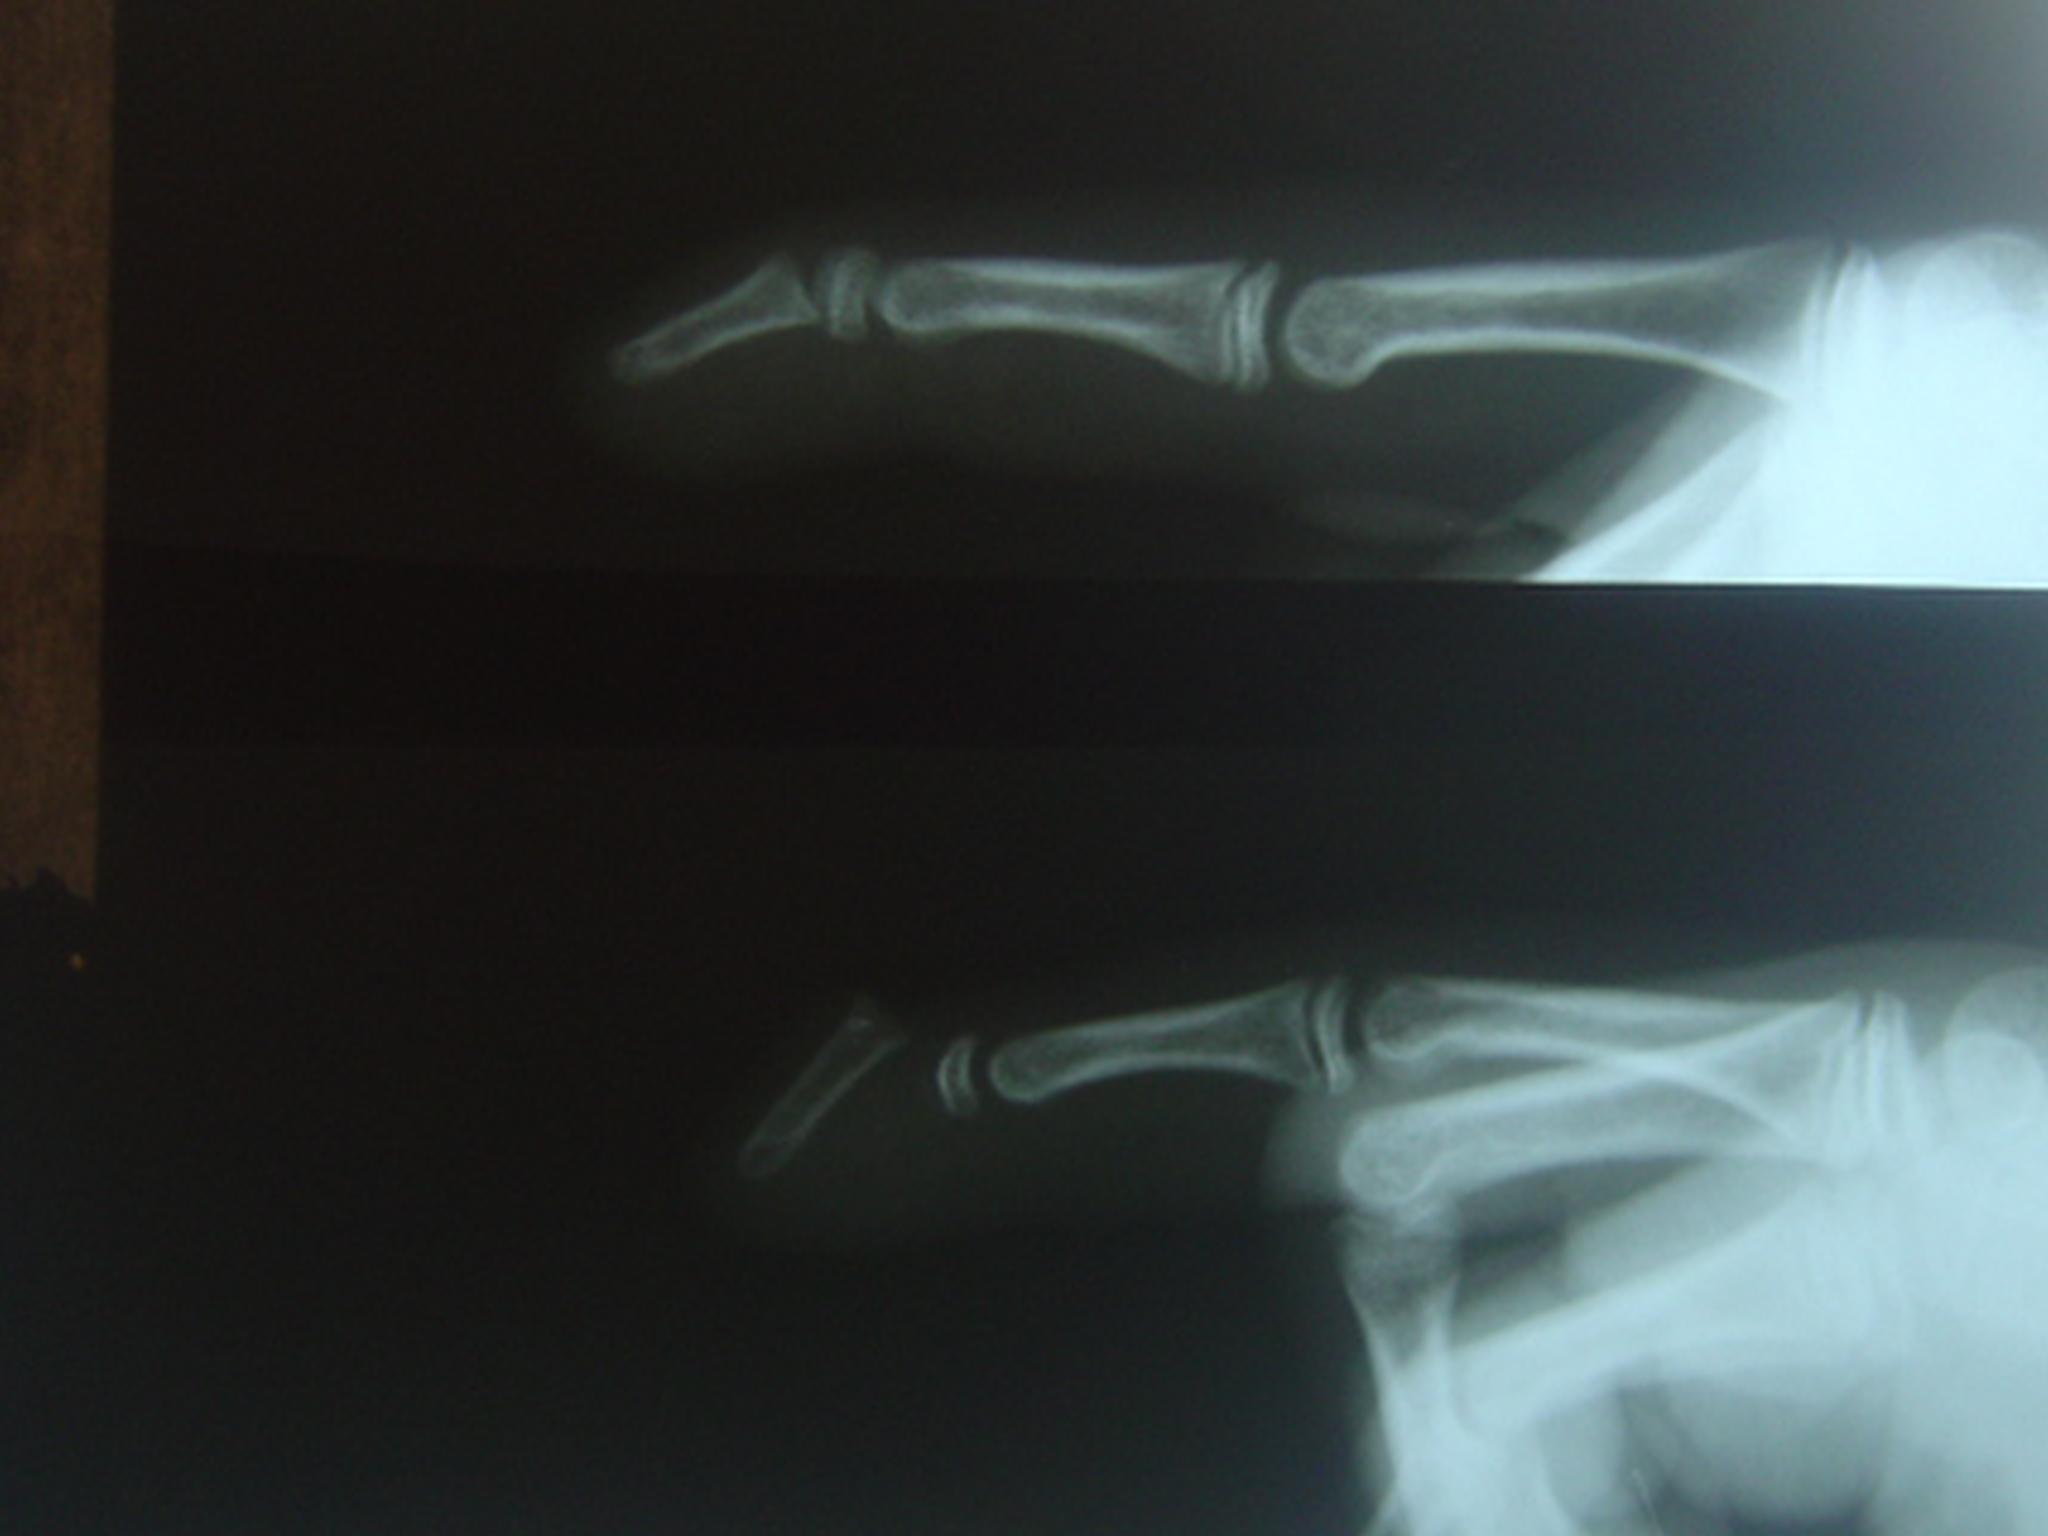 Şeki 1 Ameliyat öncesi 3. ve 4. parmaklaın yan gafisi.JPG